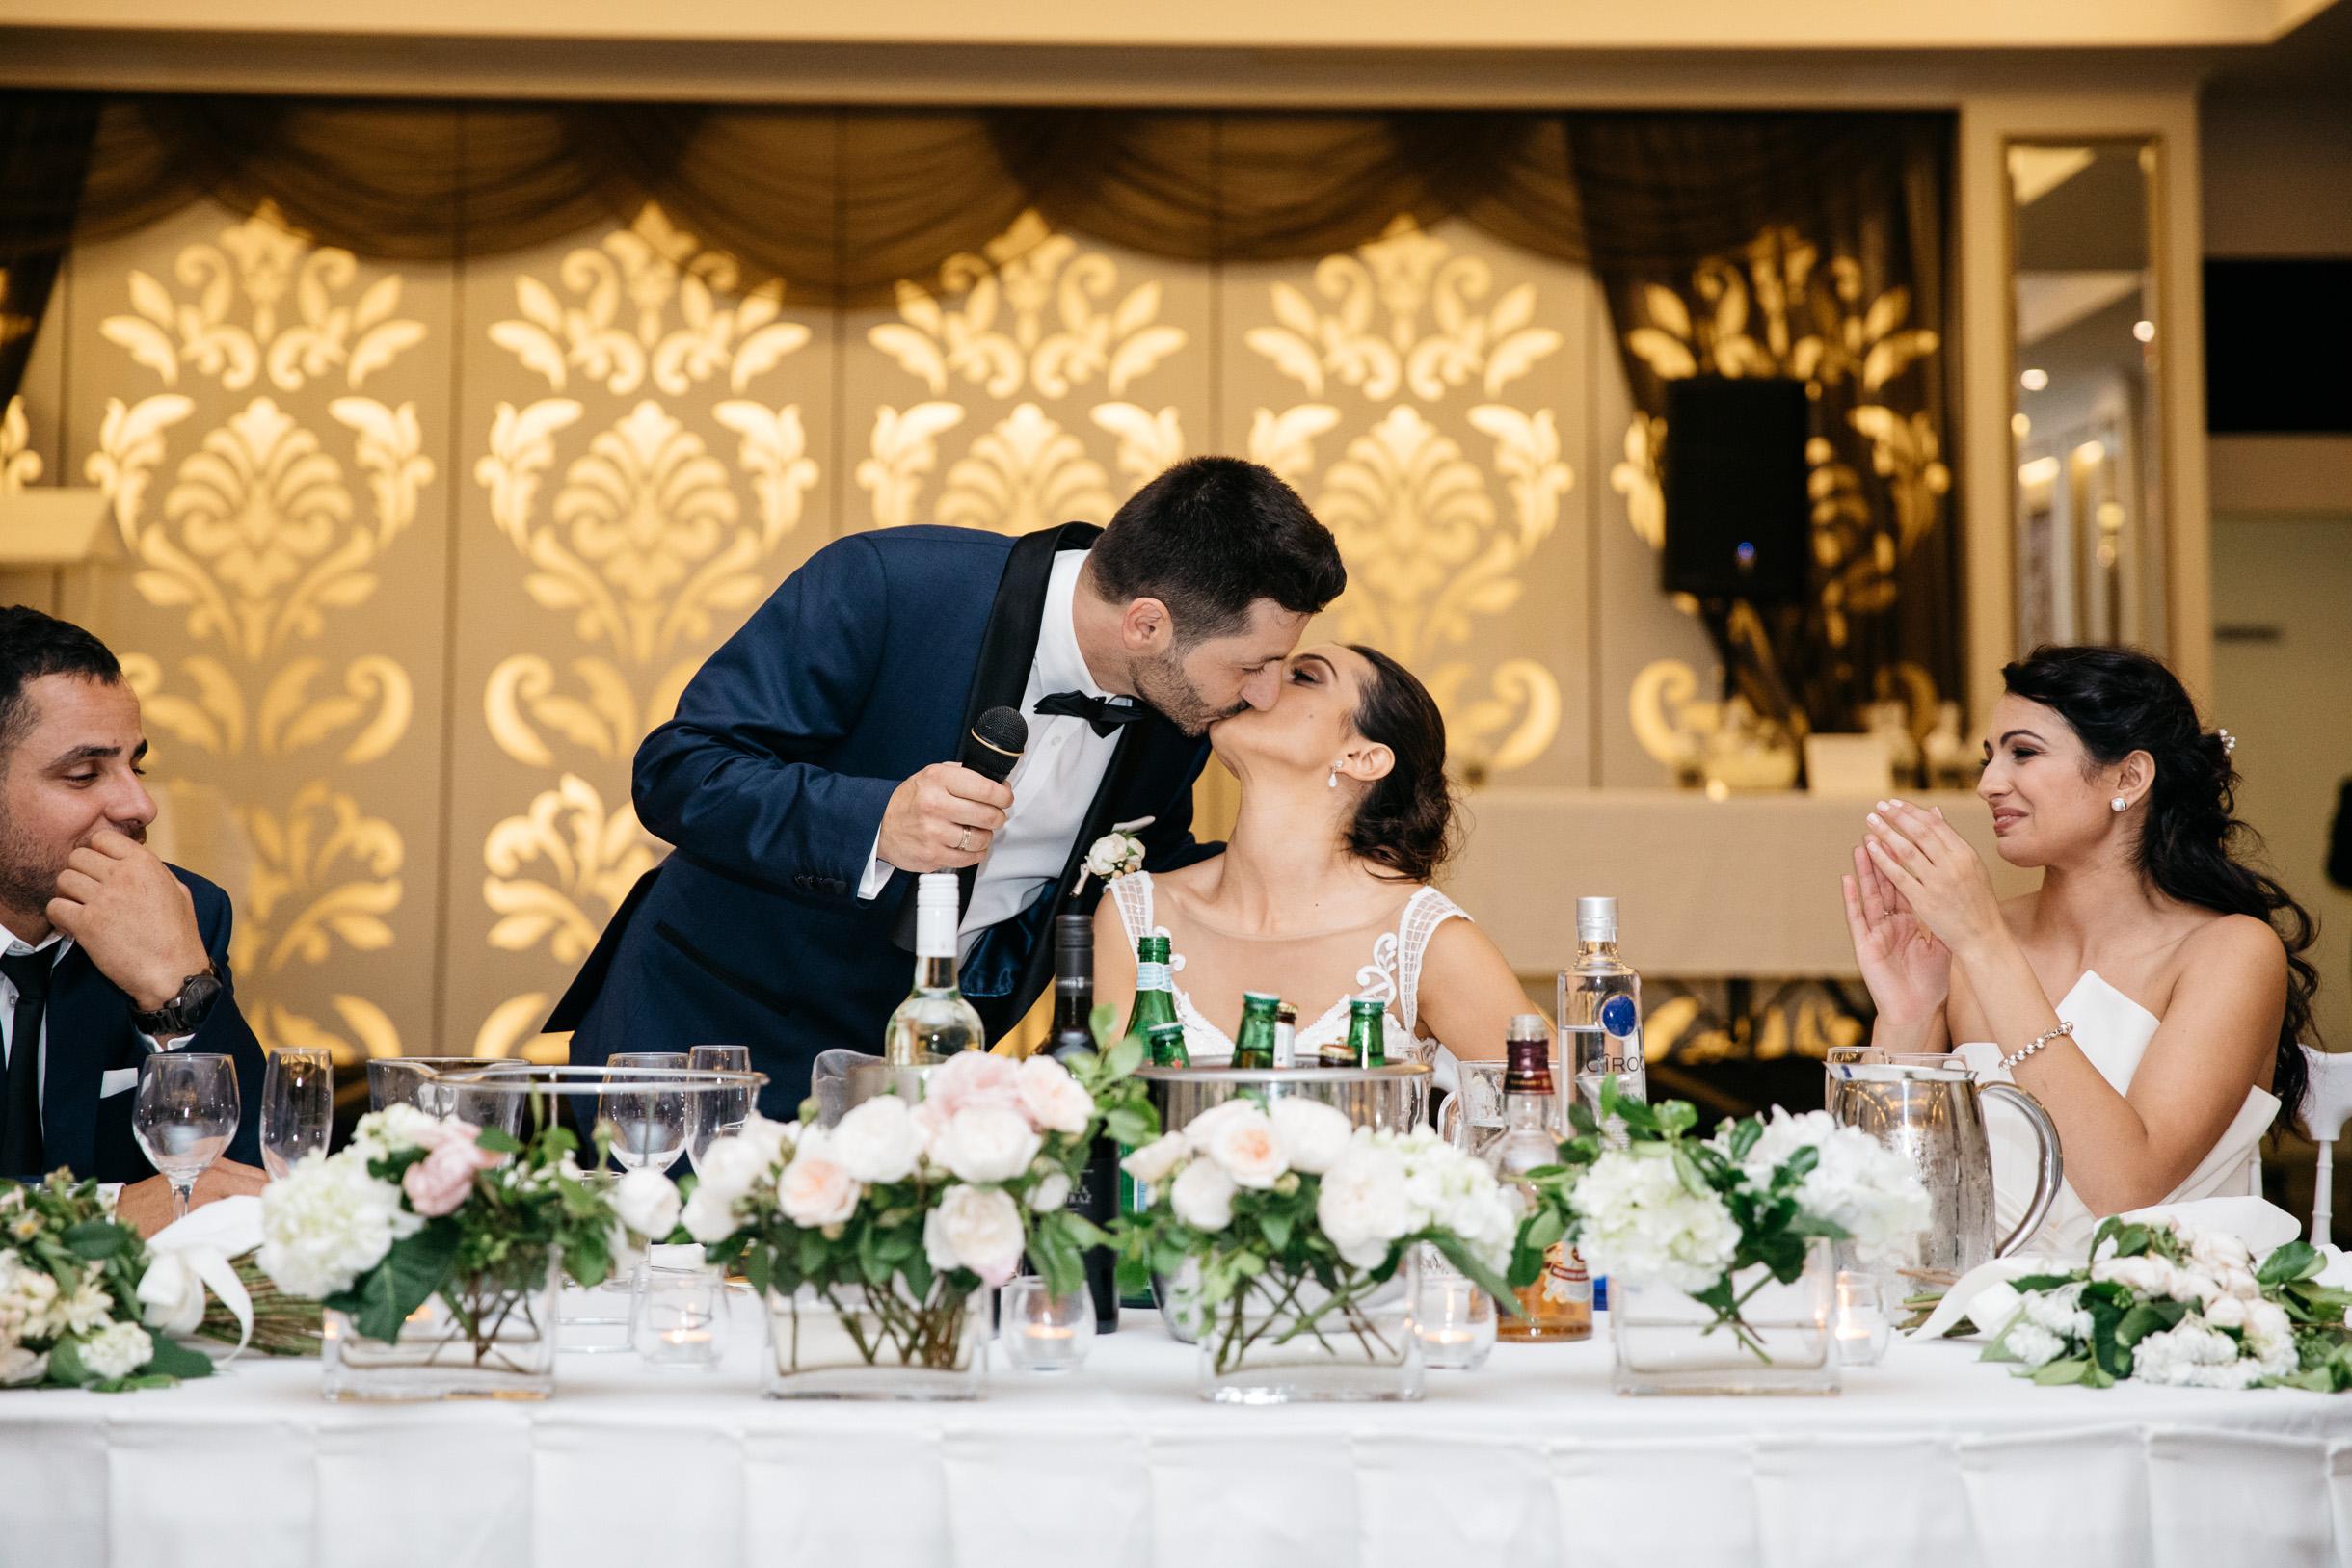 ELPIX_Events_Wedding_Mano&Daniella-1412.jpg